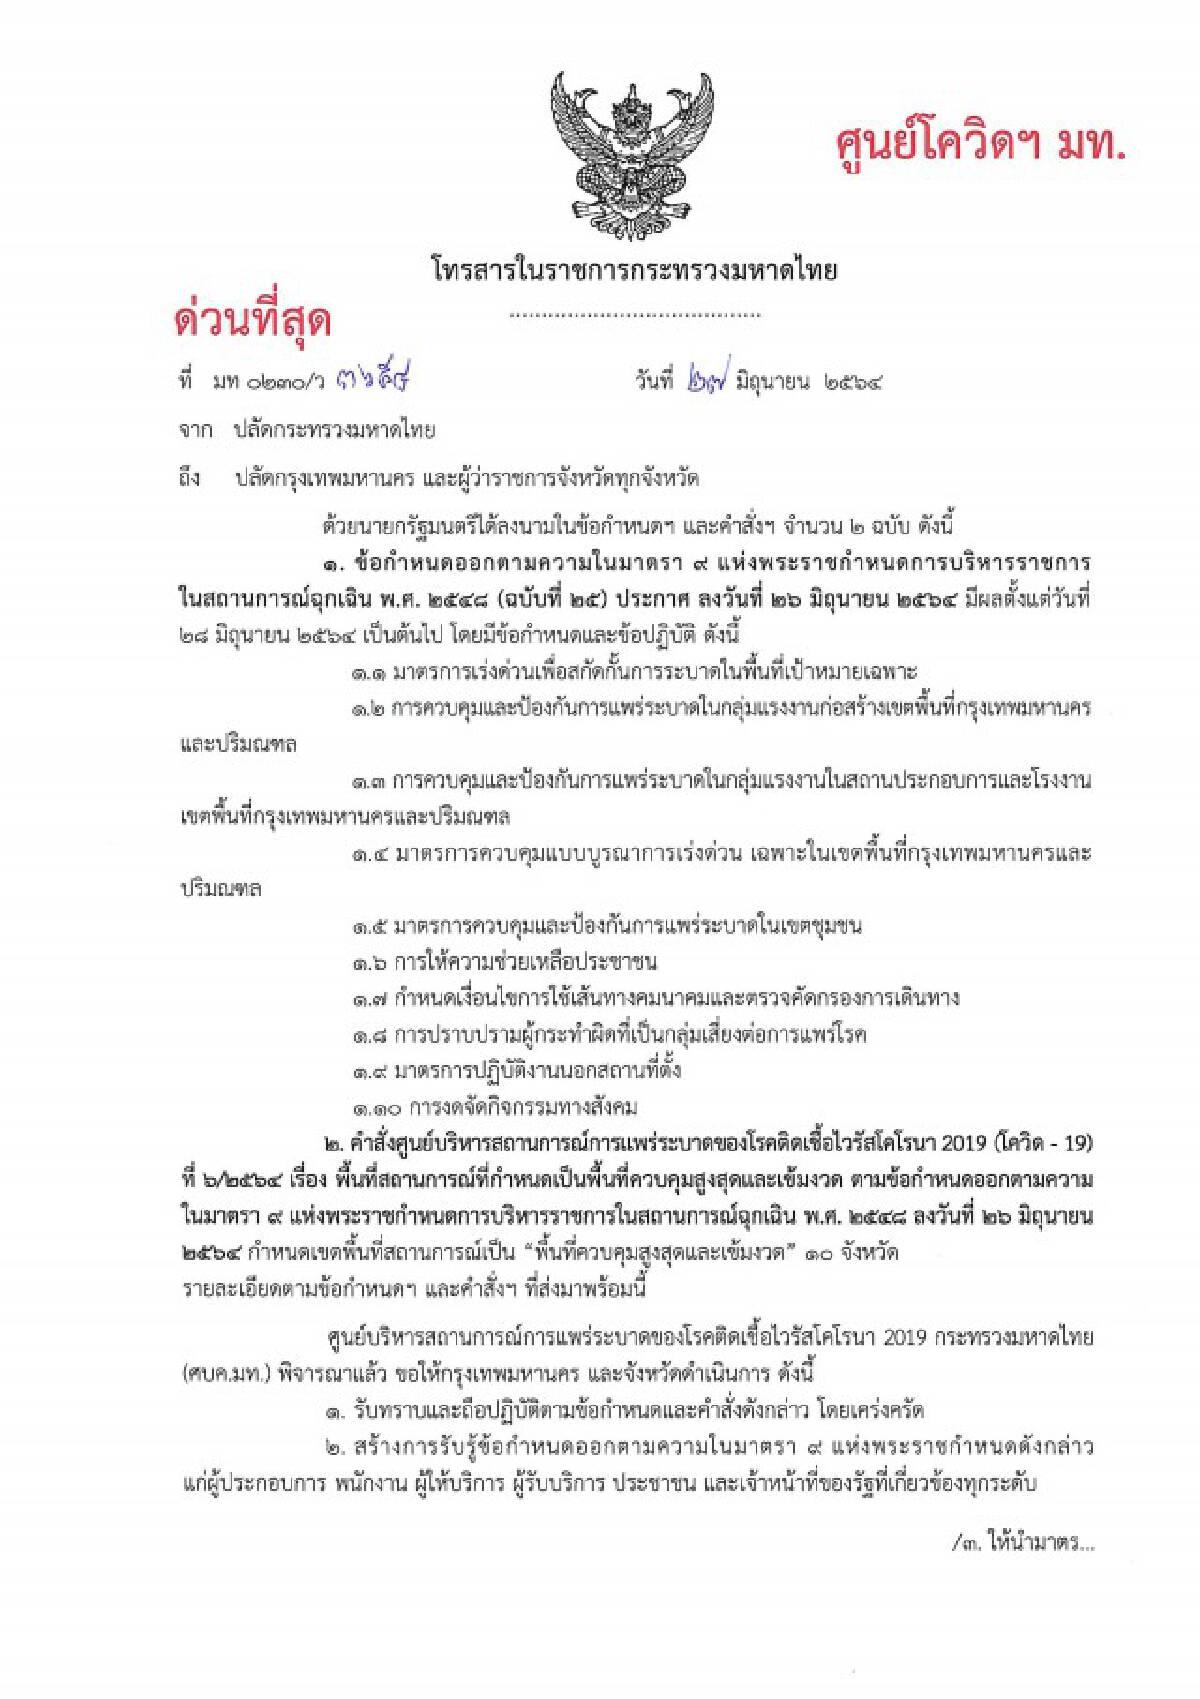 """""""มหาดไทย"""" ออกคำสั่งด่วน กำหนดเขตพื้นที่สถานการณ์เป็นพื้นที่ควบคุมสูงสุดและเข้มงวด 10 จังหวัด"""